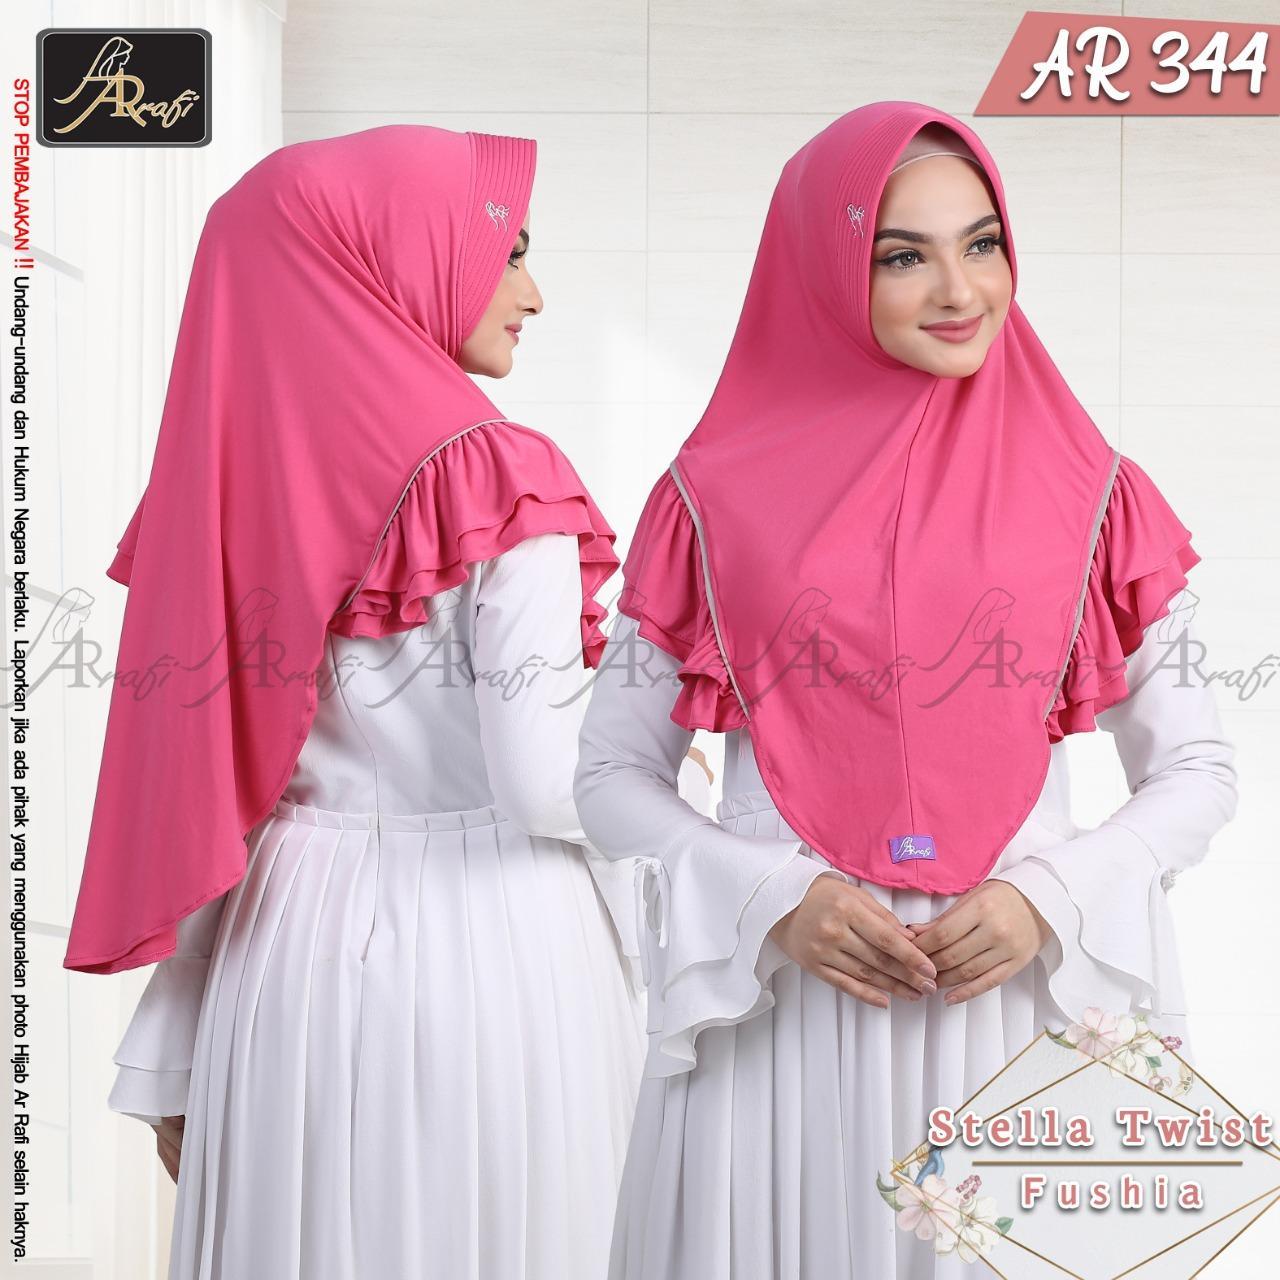 Hijab Arrafi Kode AR 344 - Jilbab Bergo Instan Syari